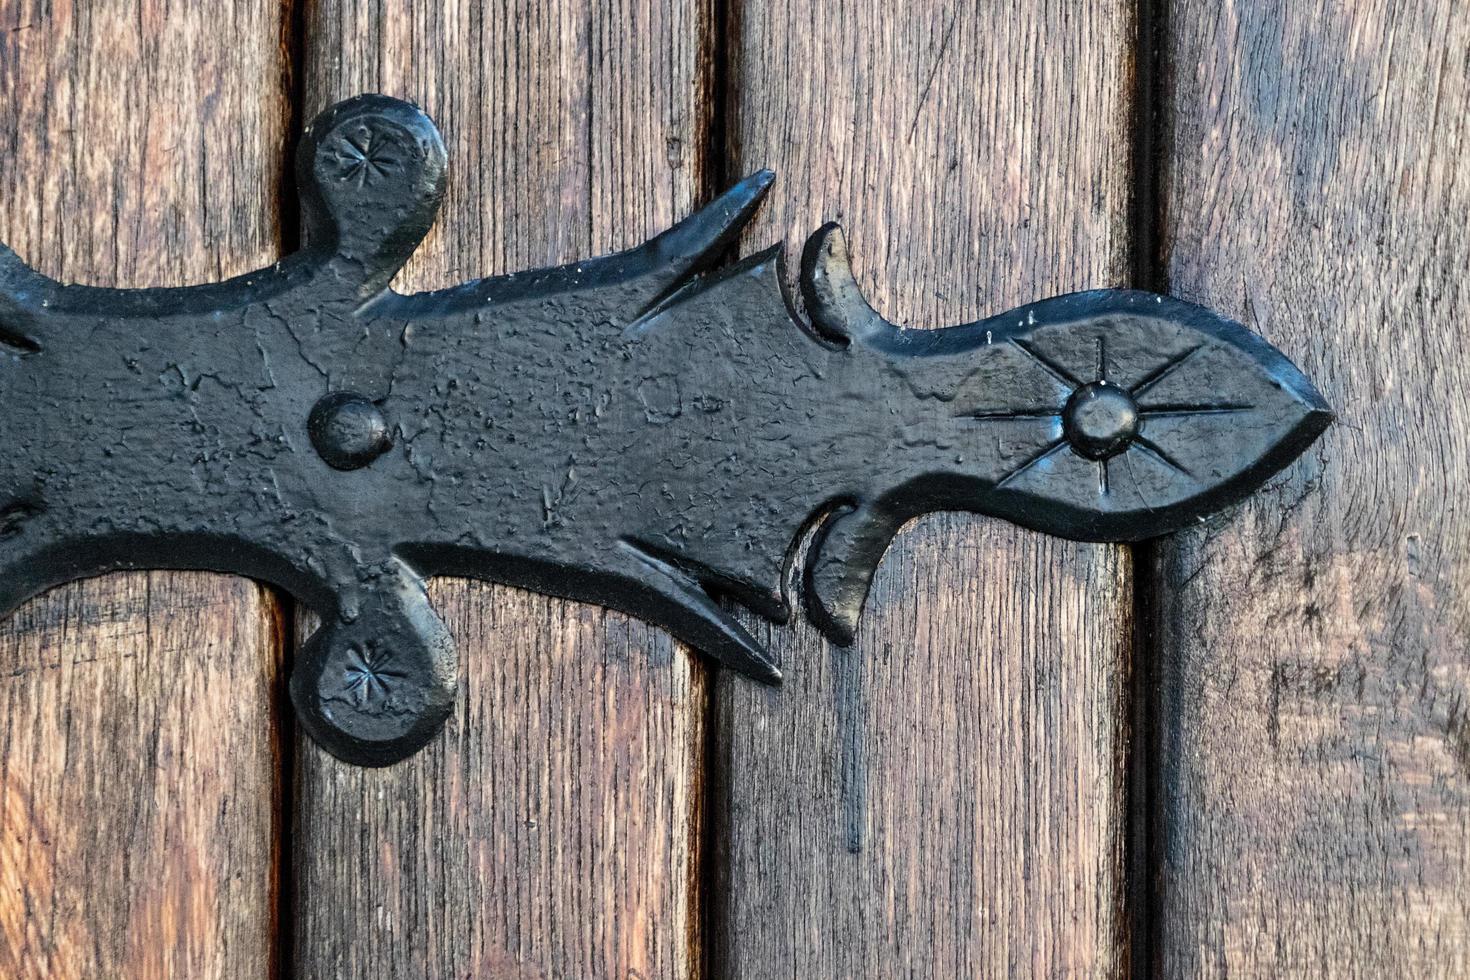 elemento decorativo in metallo nero su ante in legno foto